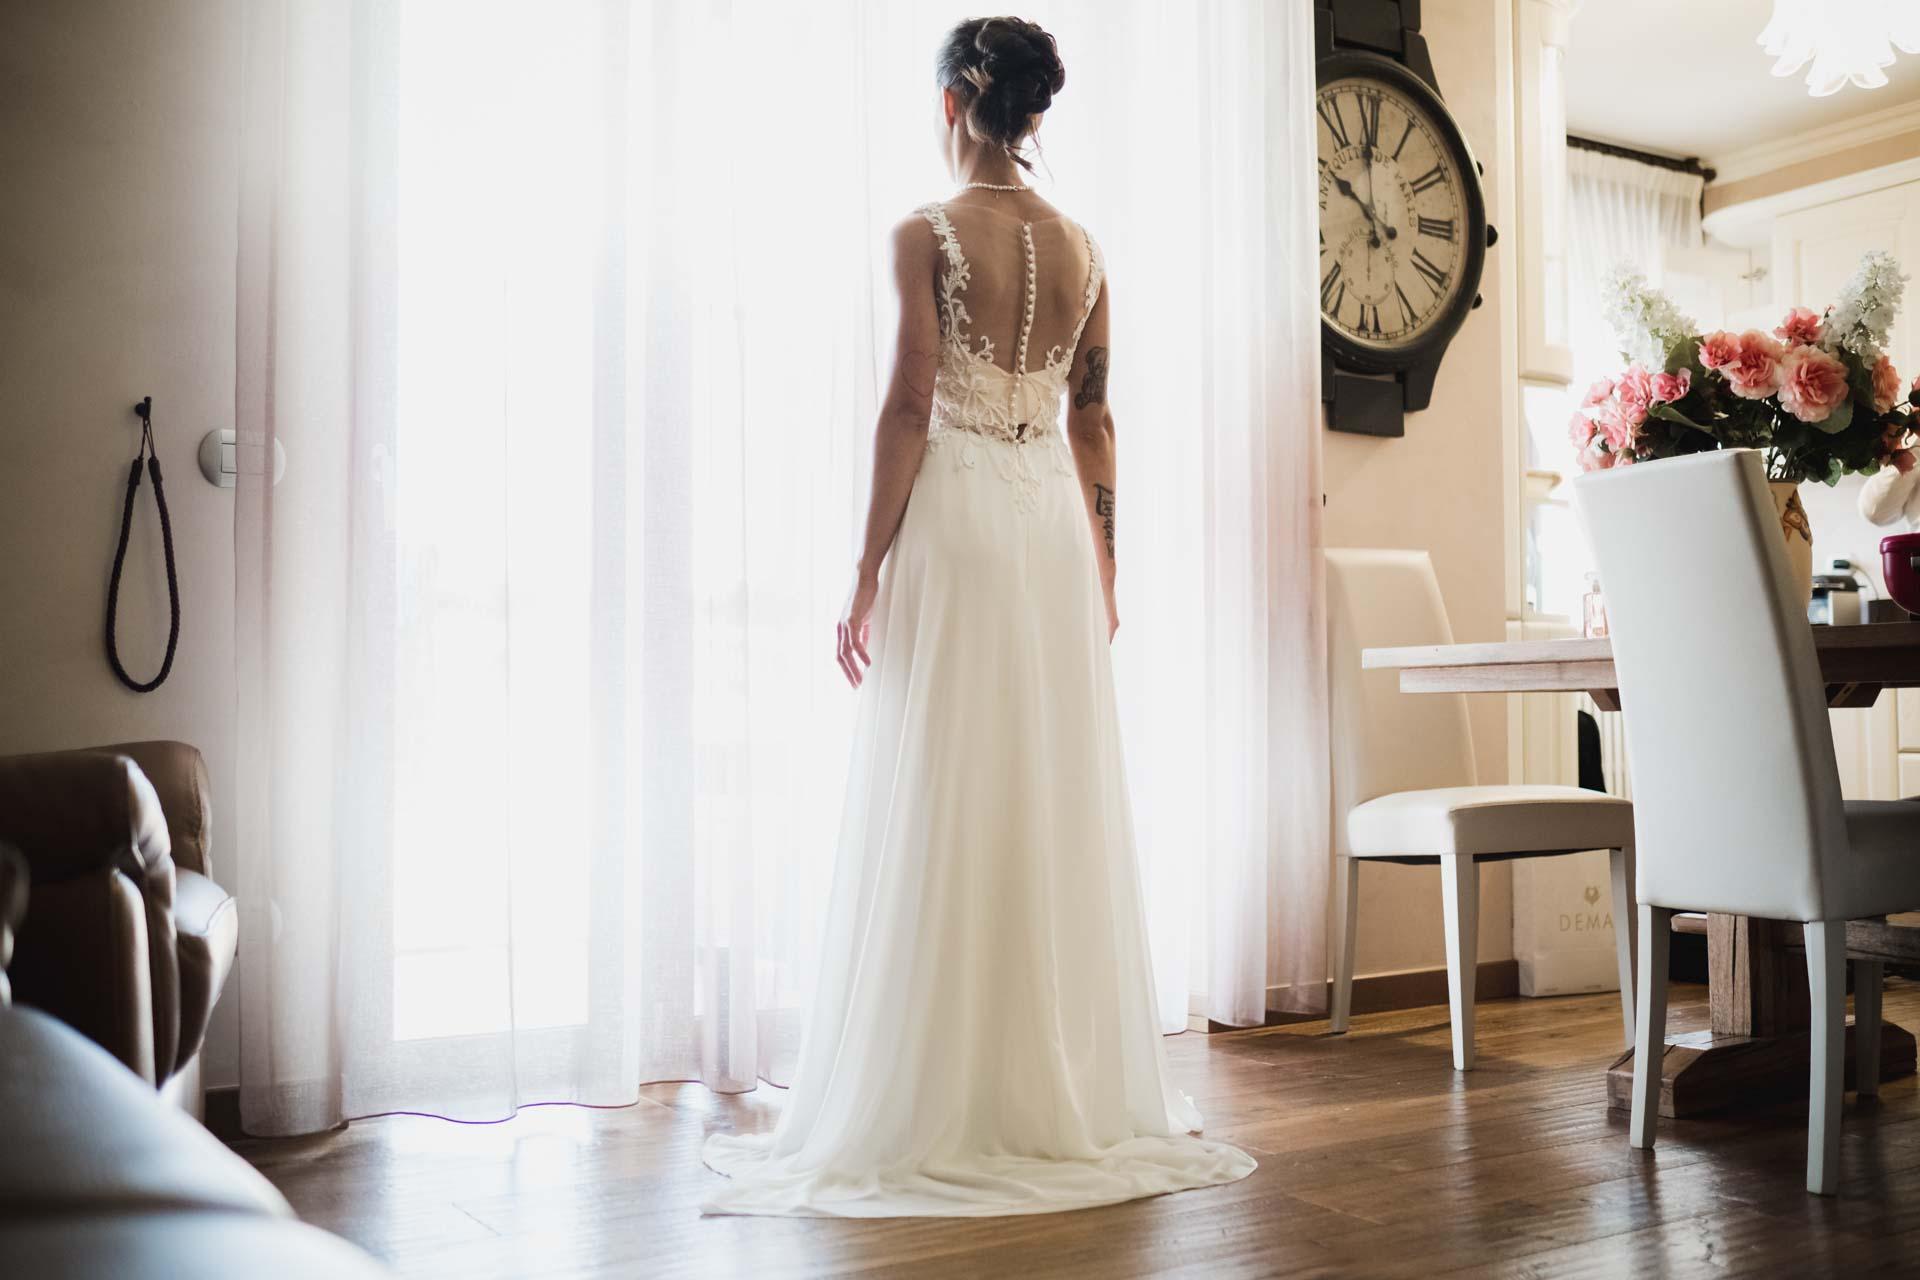 sposa abito finestra orologio